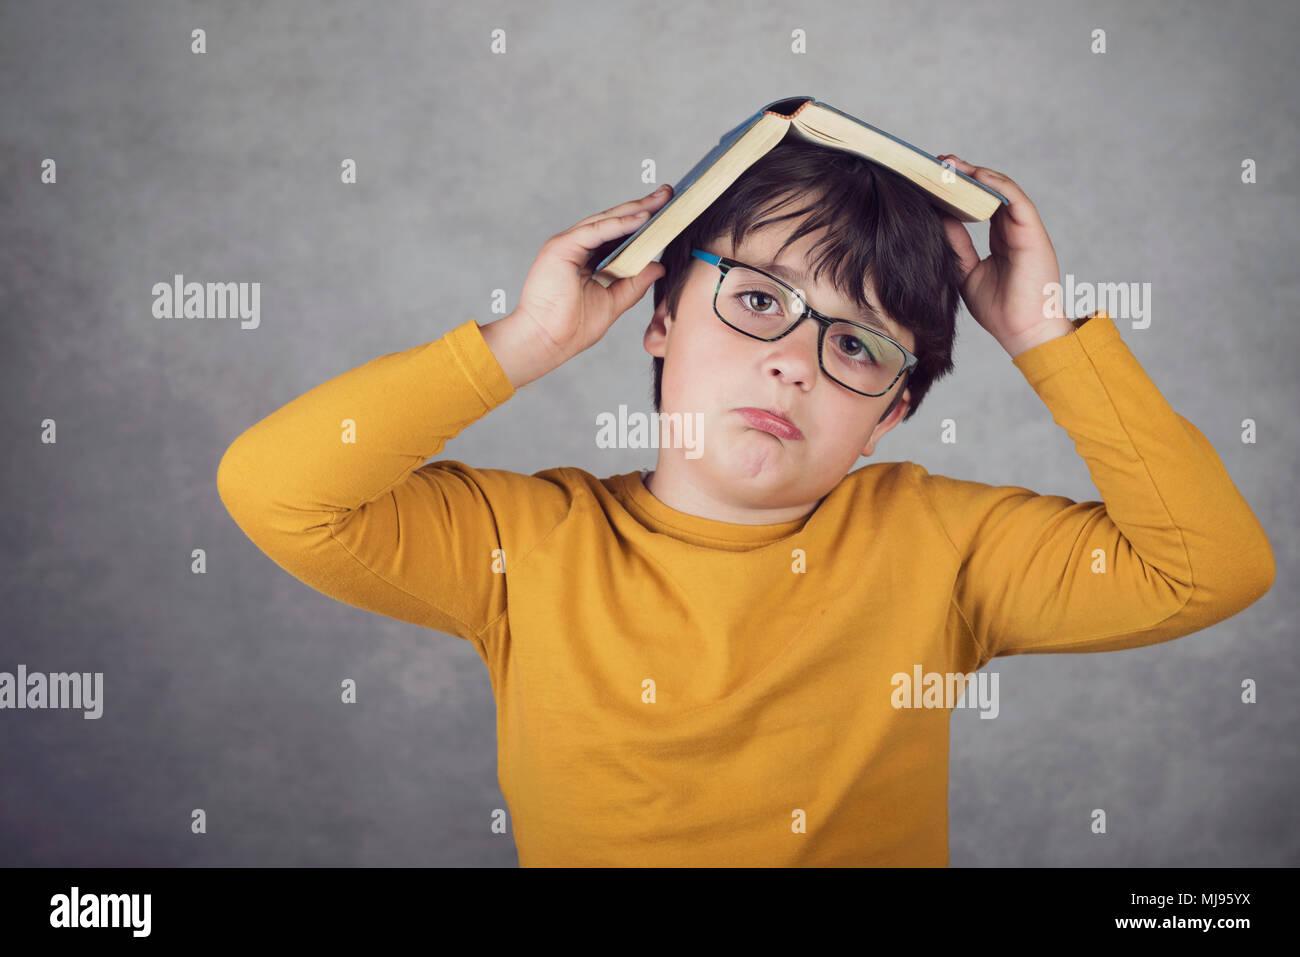 Traurige und nachdenkliche Junge mit einem Buch auf dem Kopf auf grauem Hintergrund Stockbild